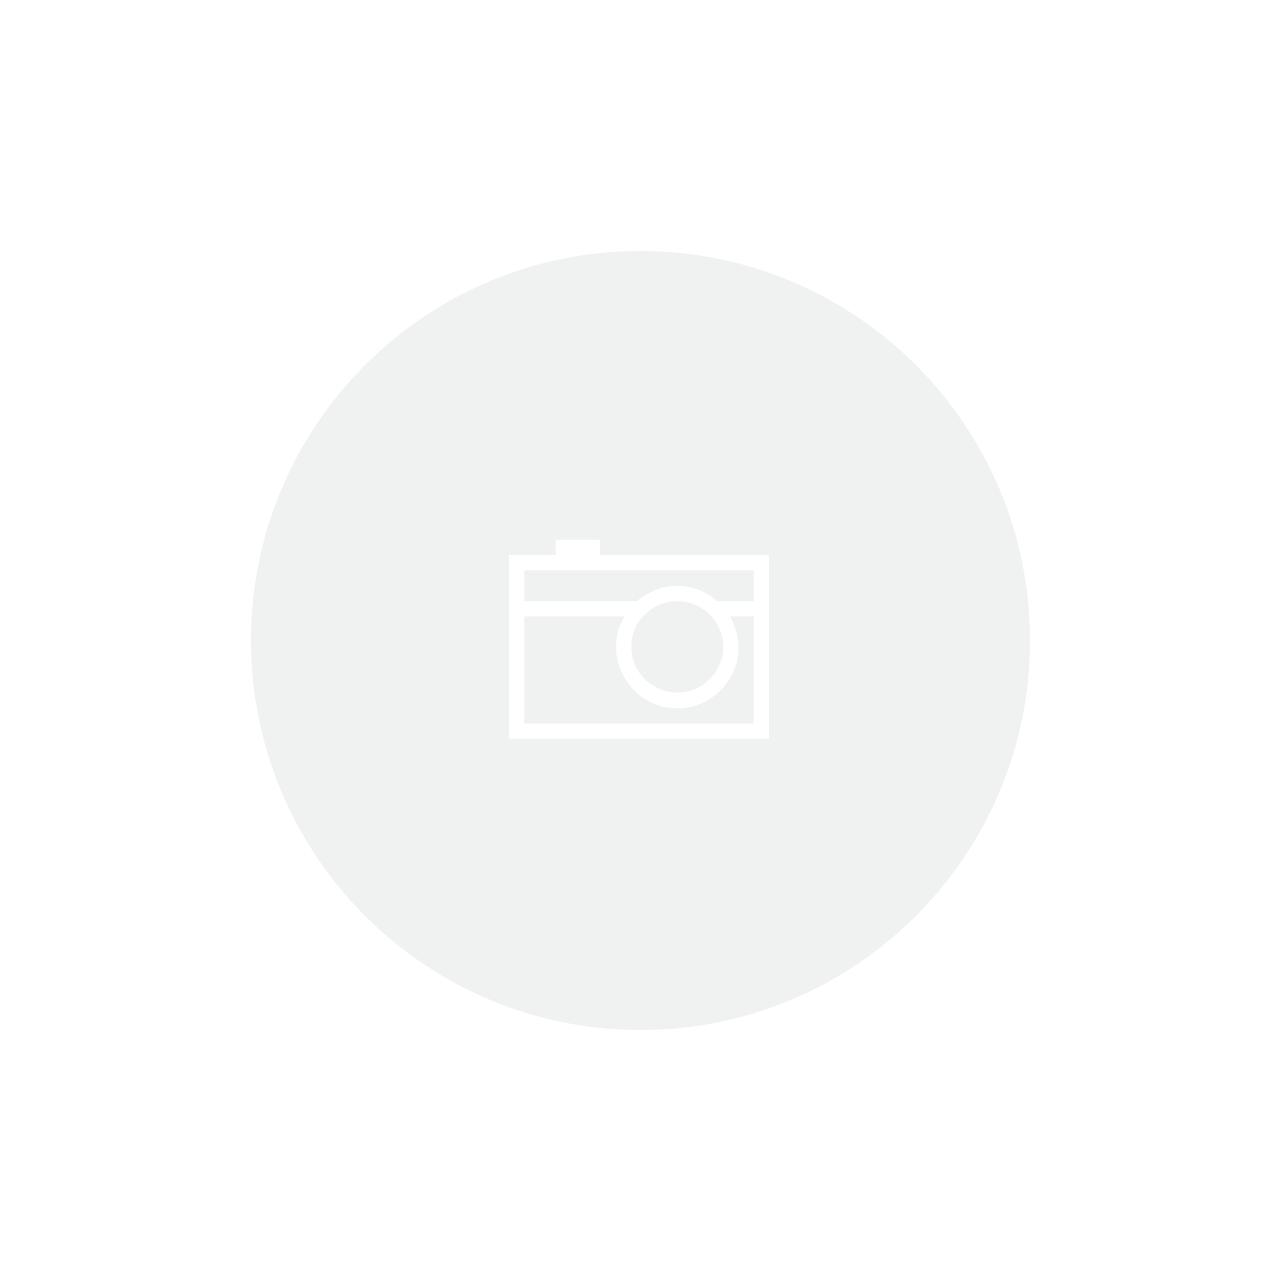 Papel Laminado Textura - Ref. 2